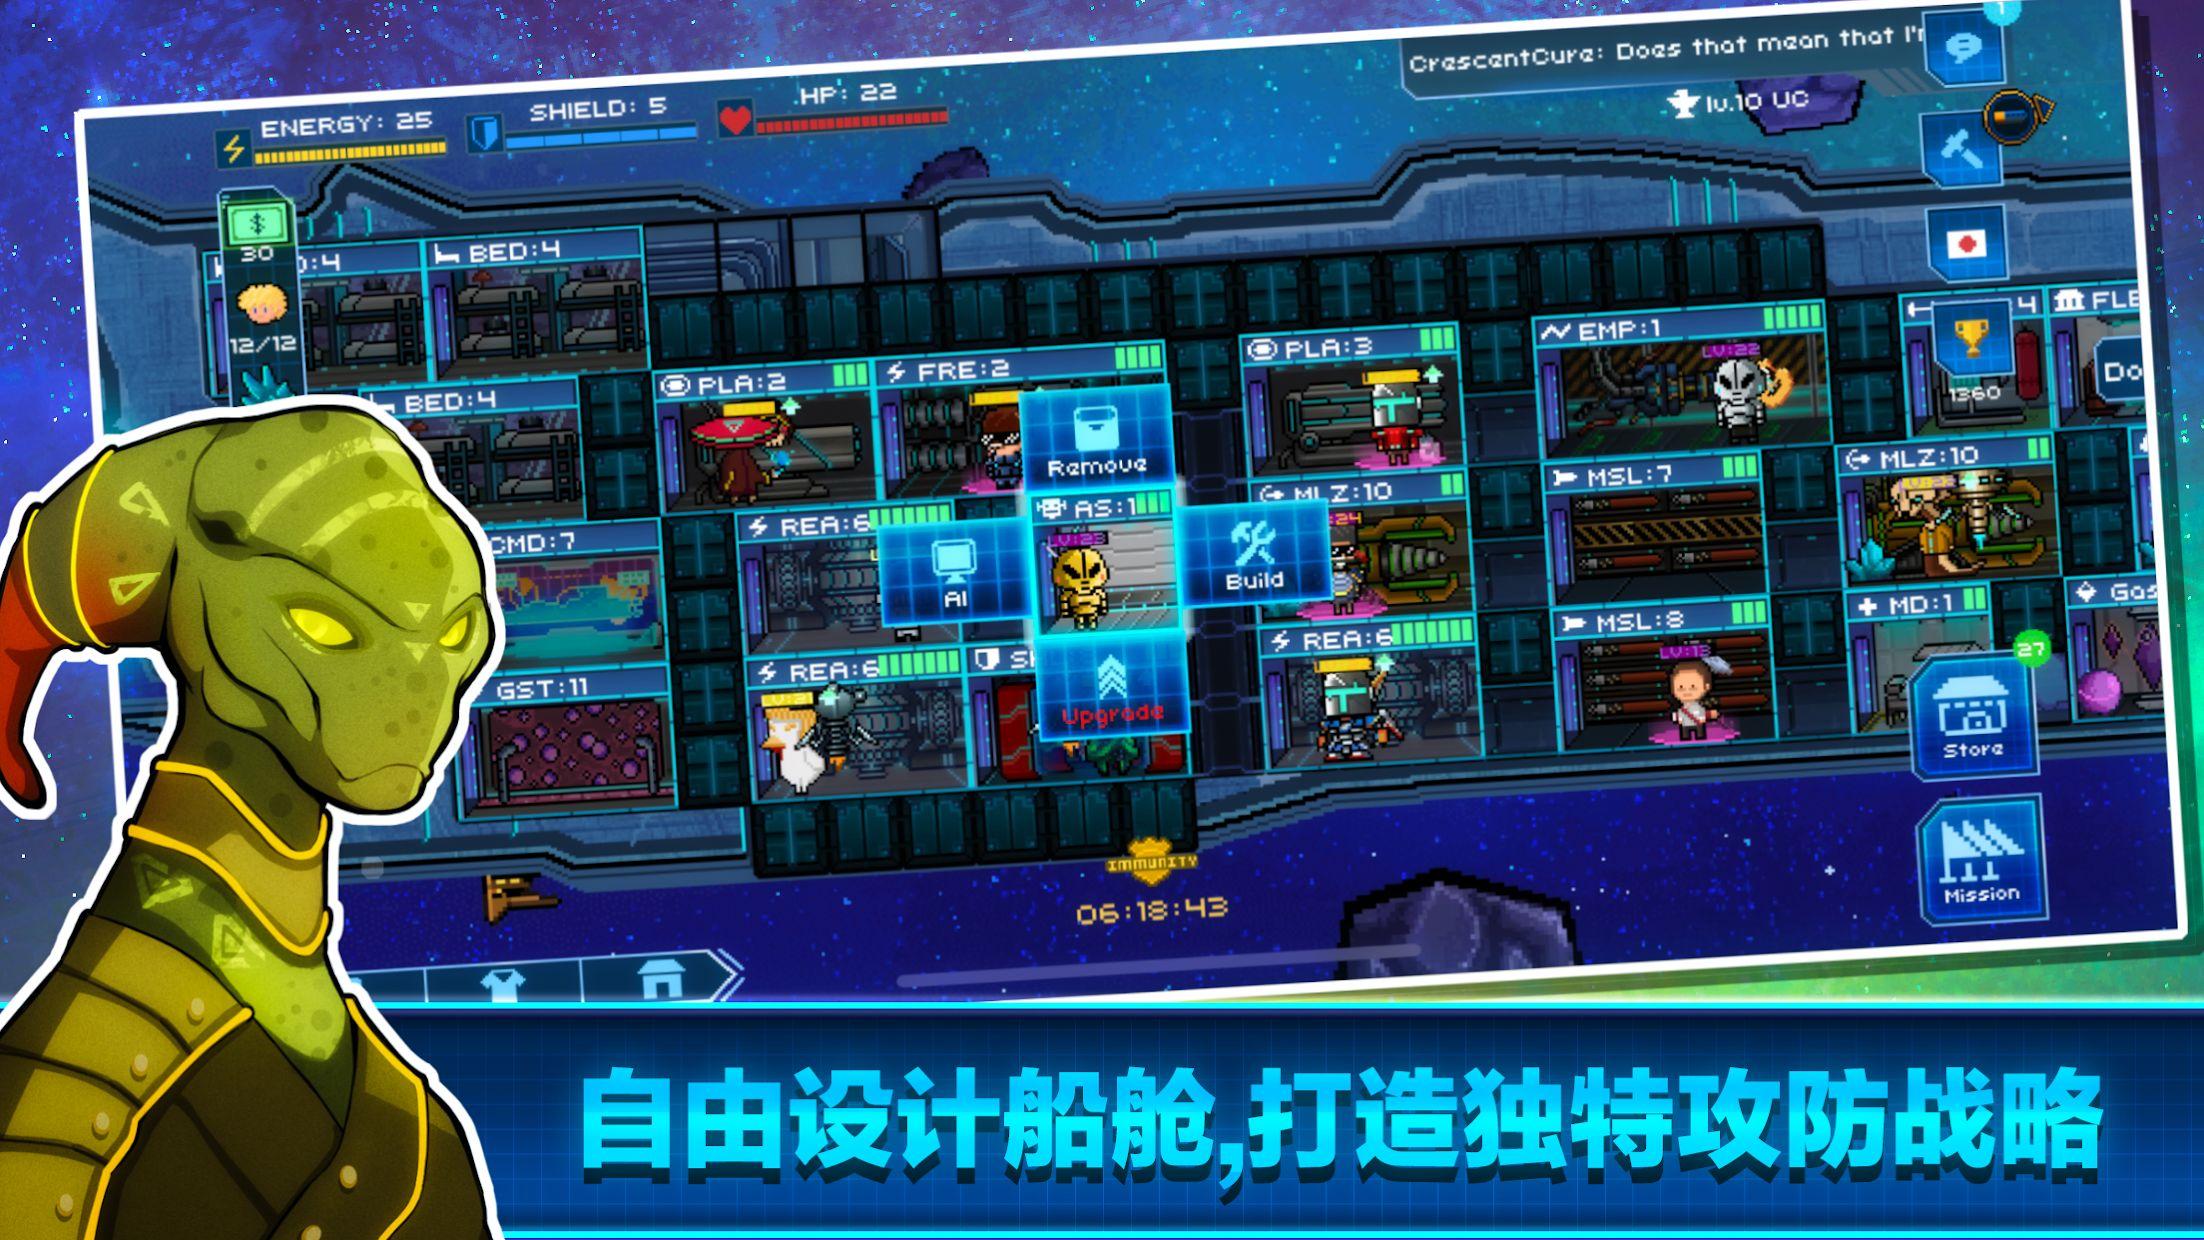 像素星舰™ Pixel Starships™: Hyperspace 游戏截图4